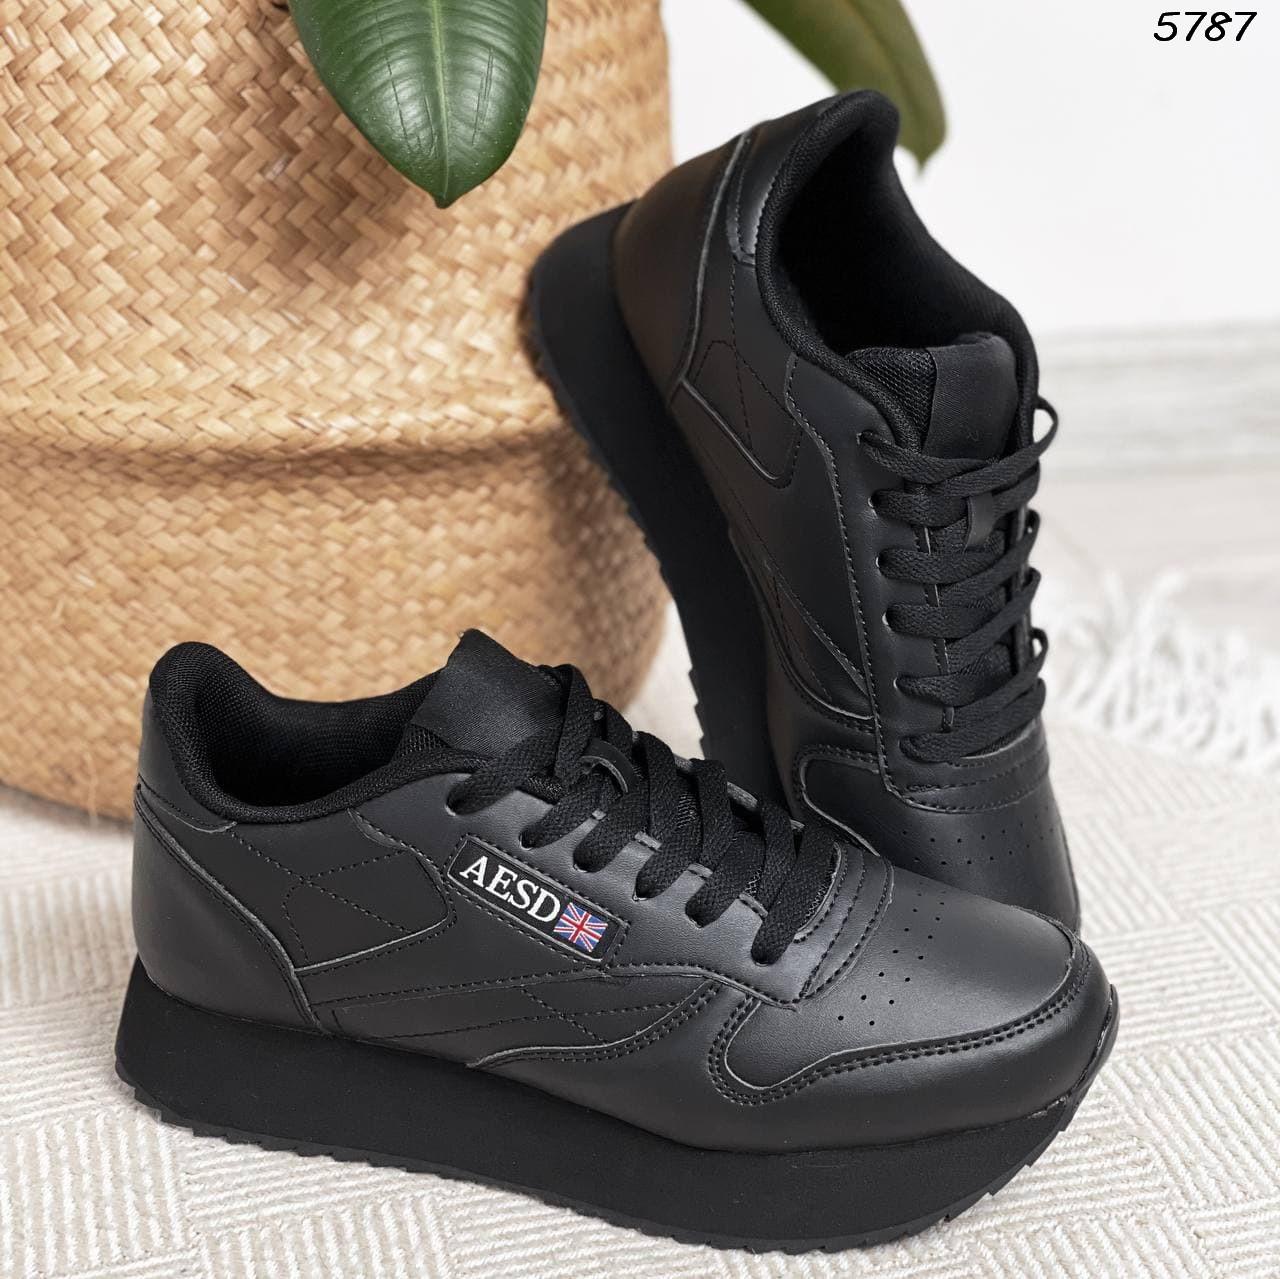 38 р Кроссовки женские черные на подошве на низком ходу из искусственной кожи кожаные черного цвета спортивные